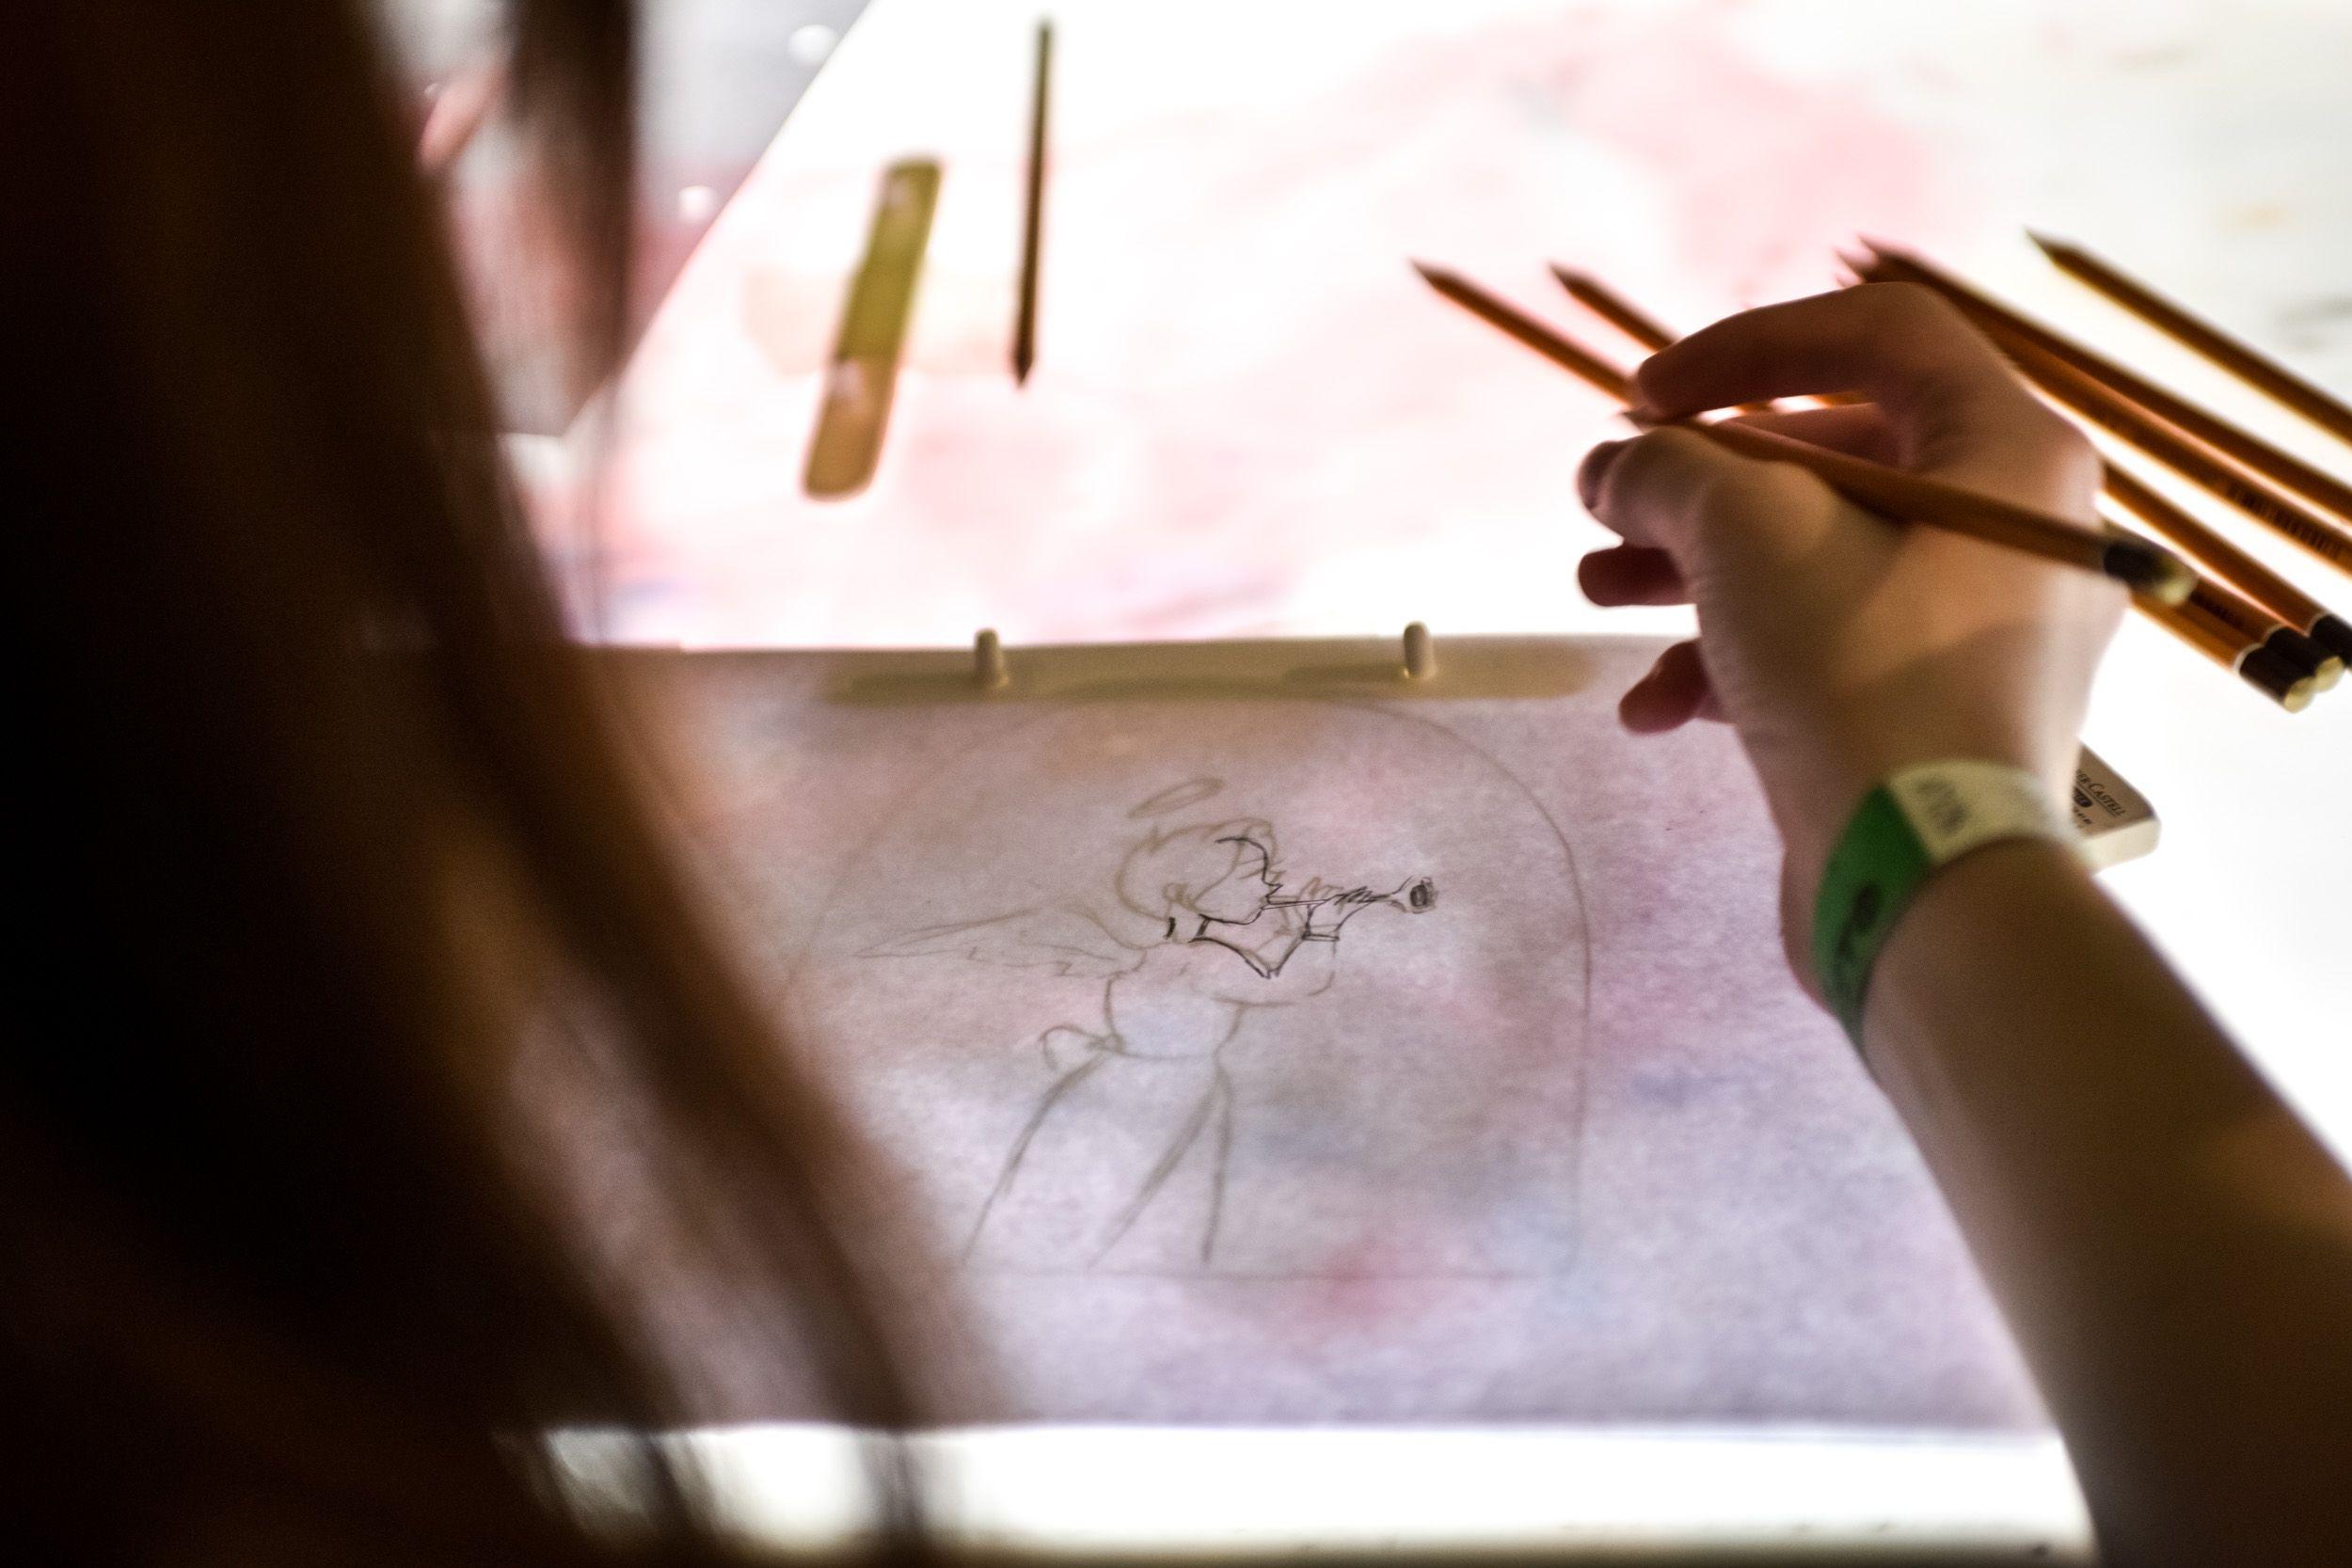 Методисты библиотеки в Сосенском проведут игровое мероприятие. Фото: Ирина Хлебникова, «Вечерняя Москва»